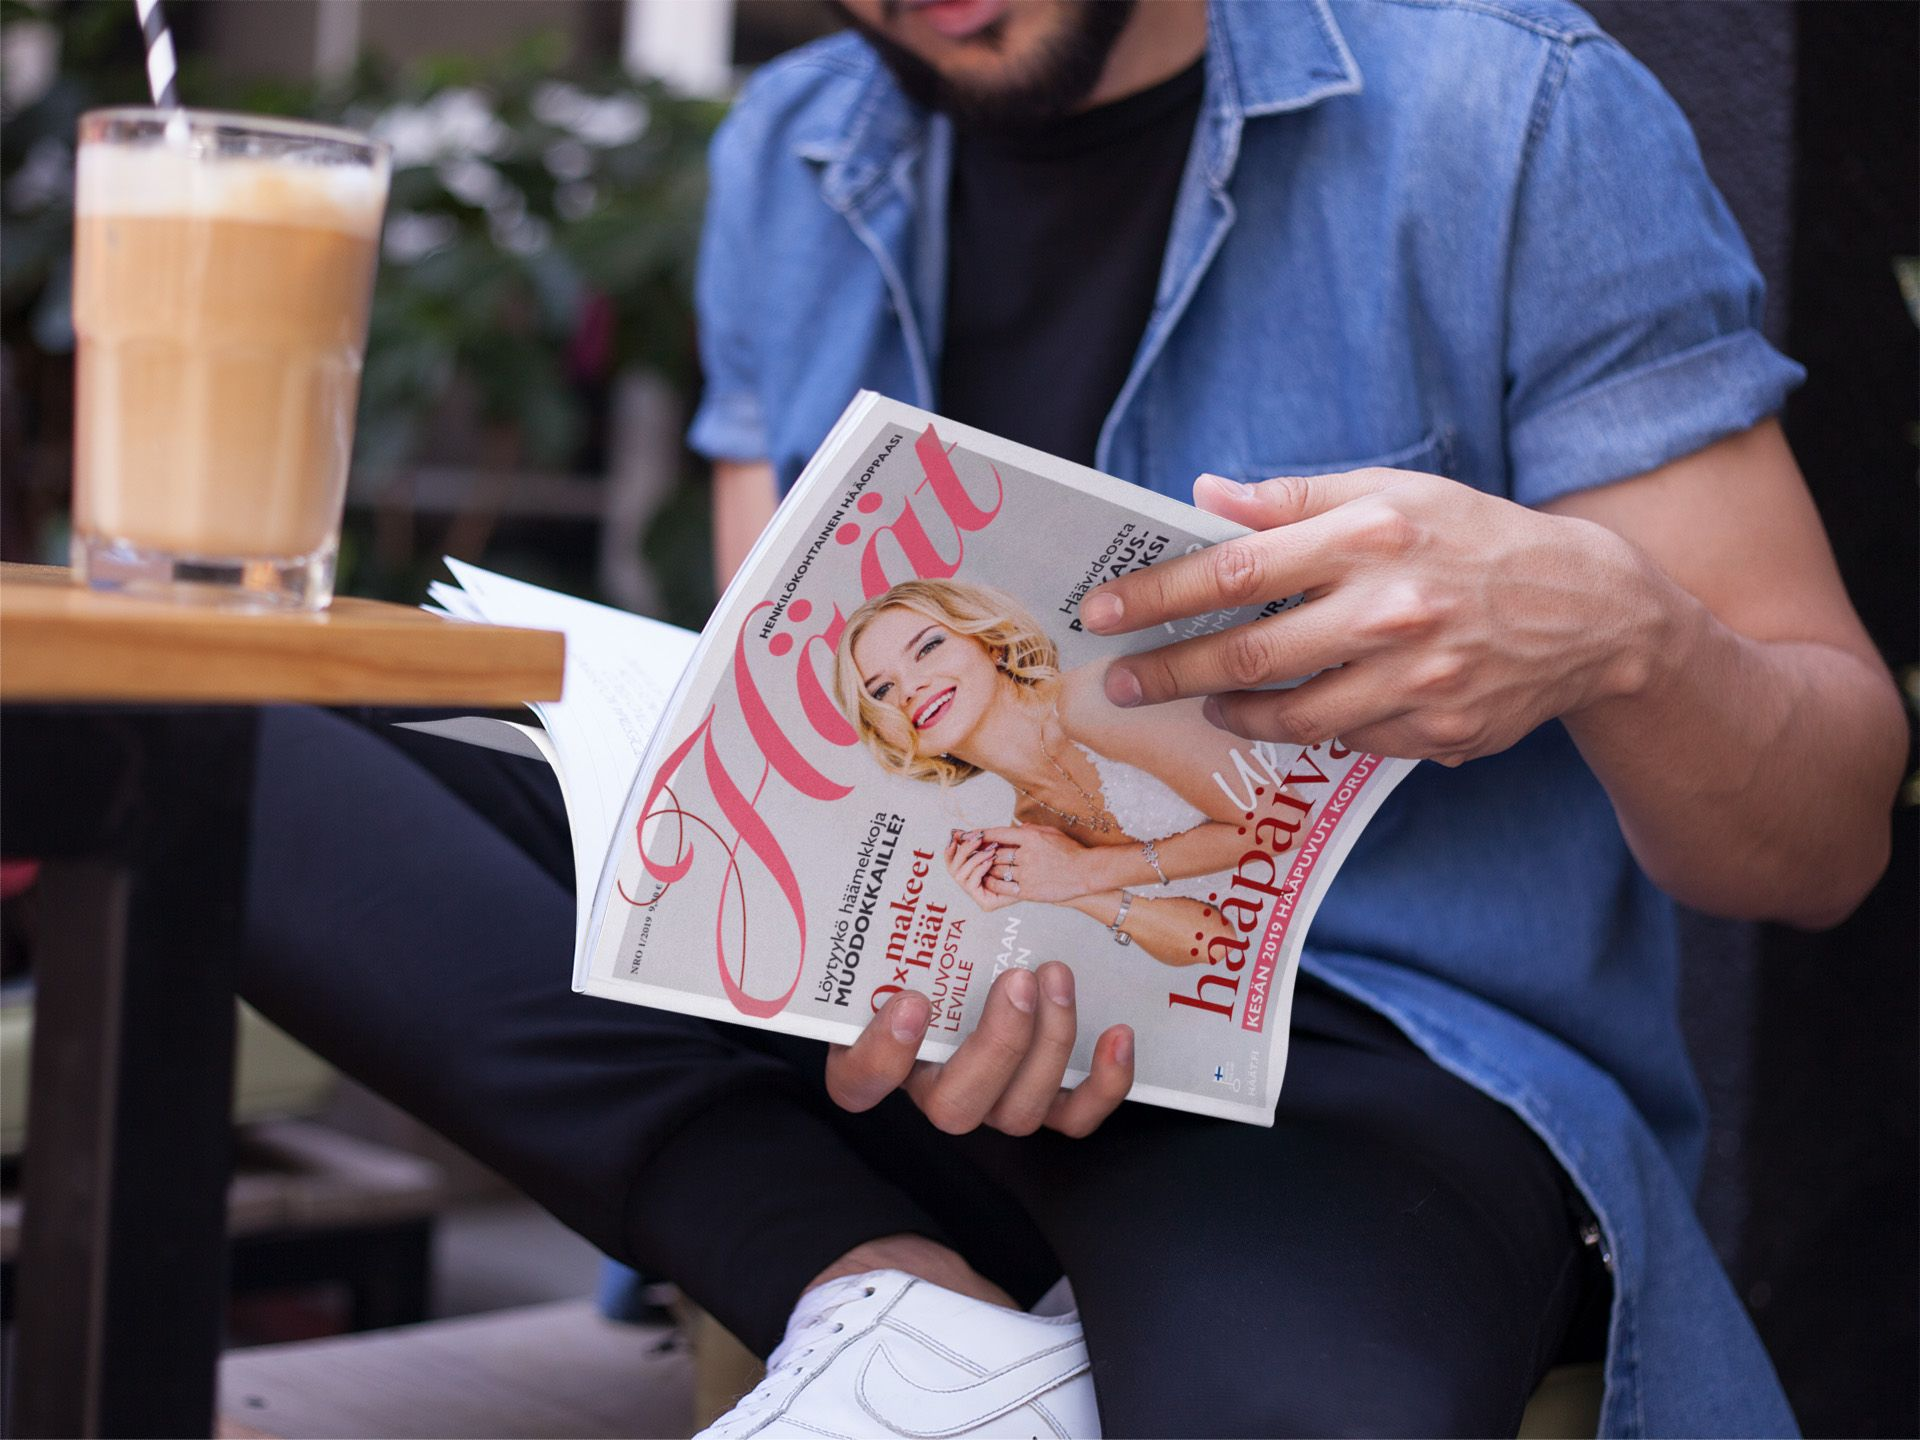 Mies lukee Häät-lehteä 1/2019